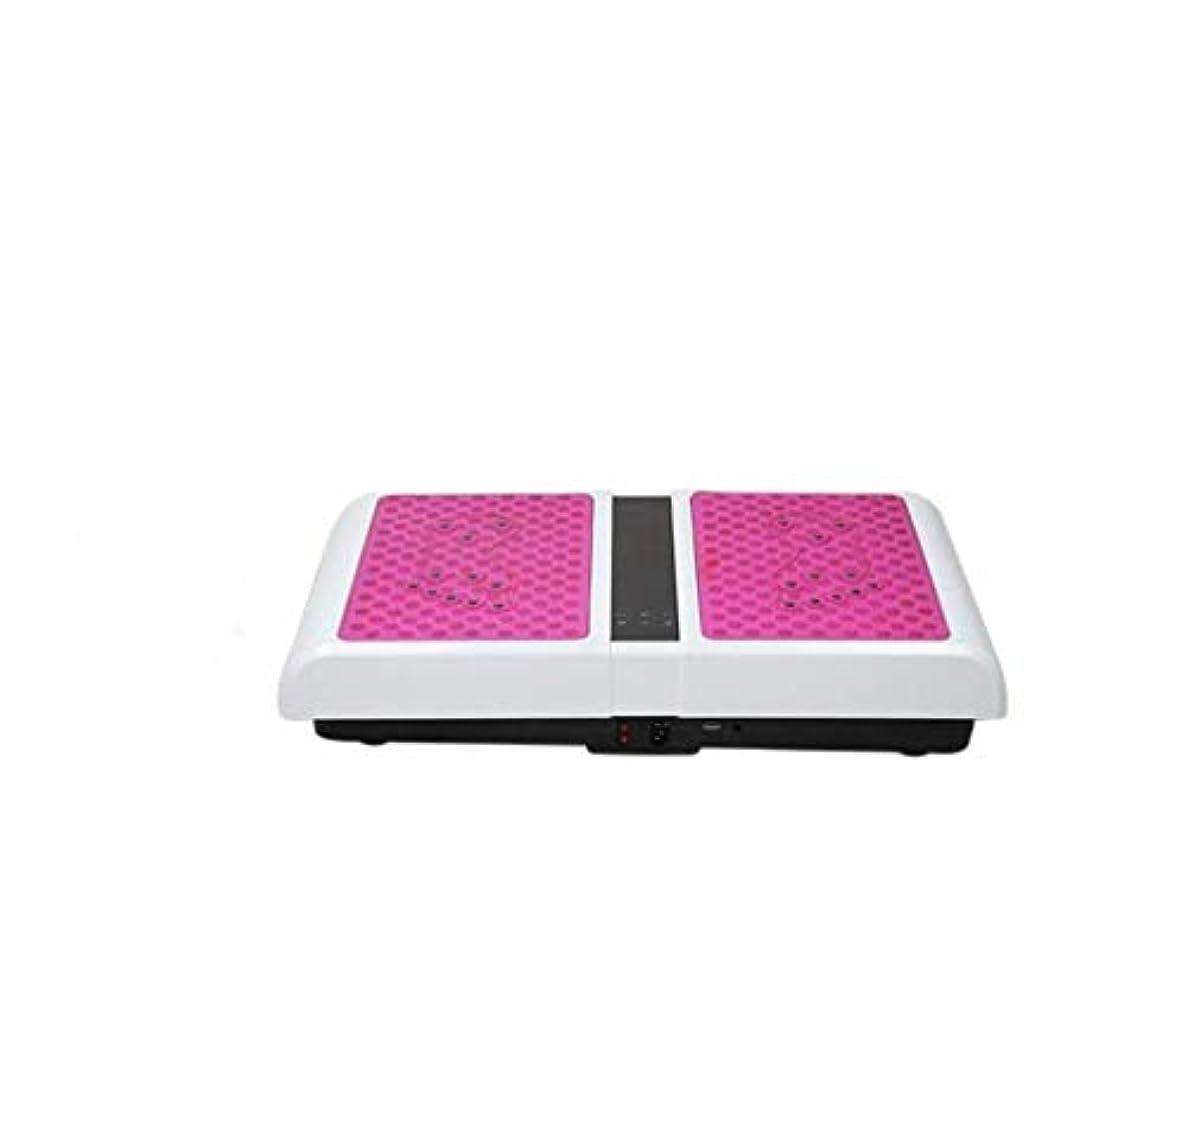 減量機、運動衝撃吸収フィットネスモデル減量機ユニセックス振動板、家族/ジムに適しています(最大負荷150KG) (Color : ピンク)